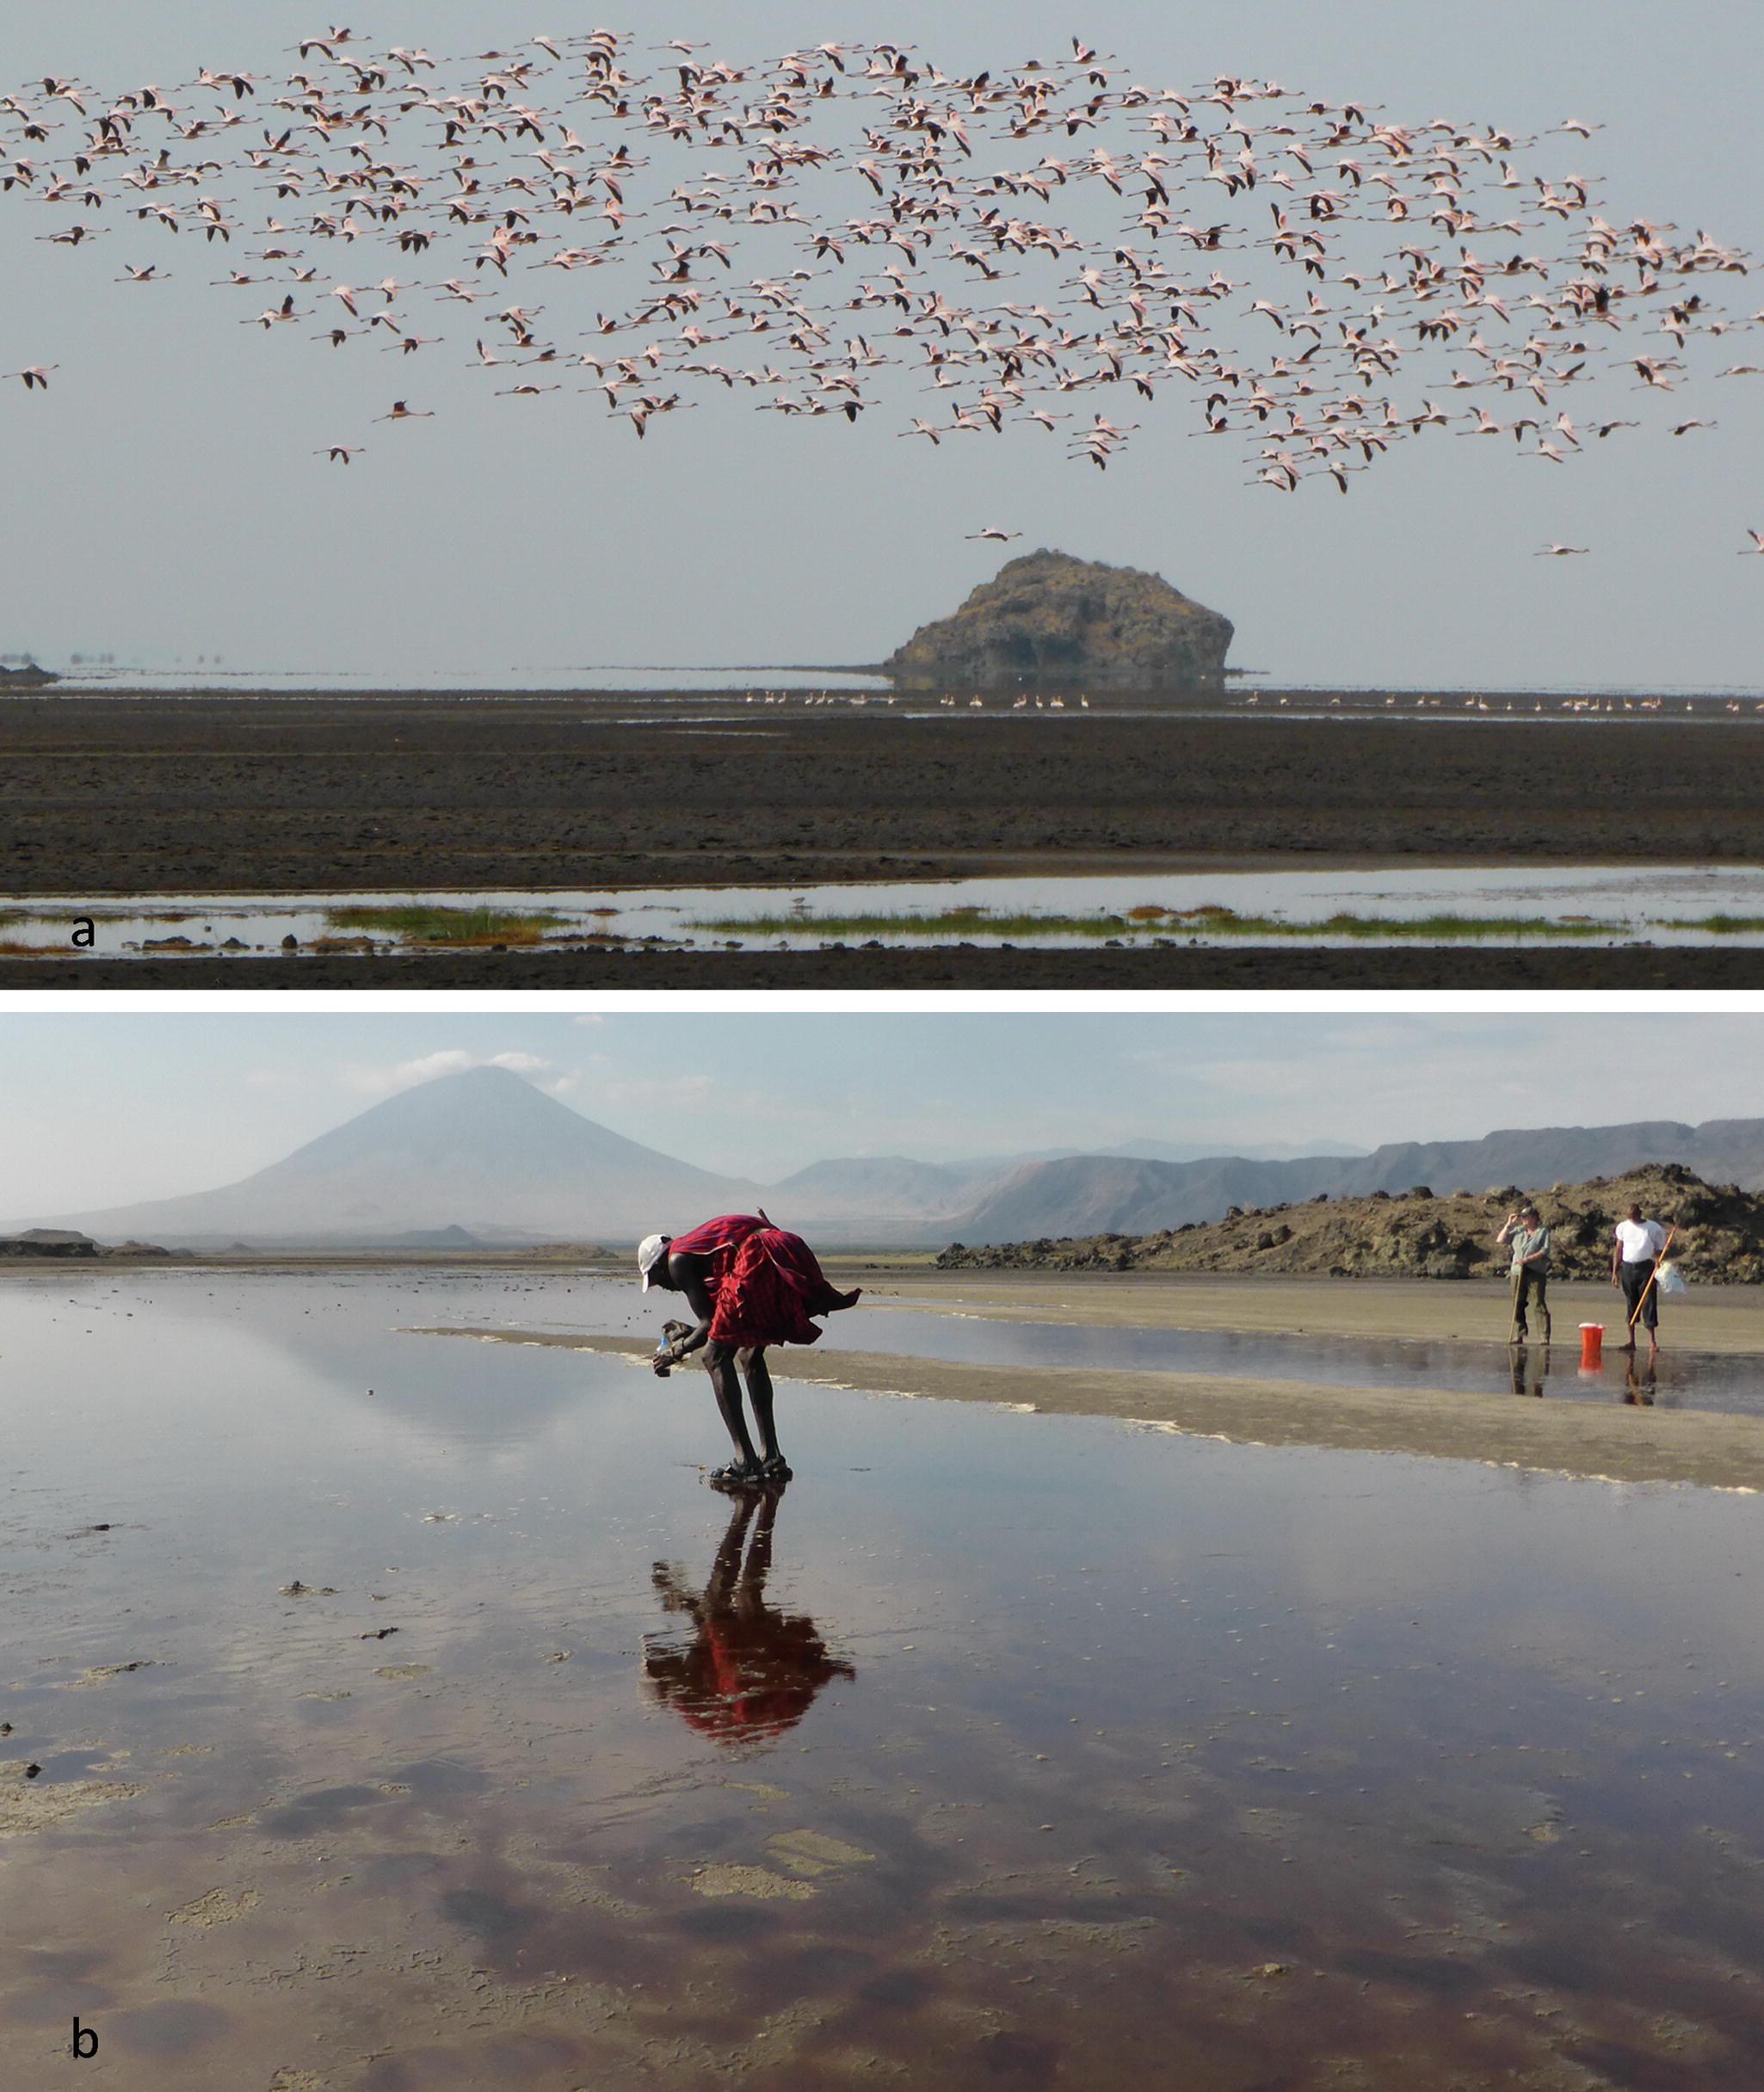 East Africa: Hub of the Unresting Lesser Flamingo | SpringerLink